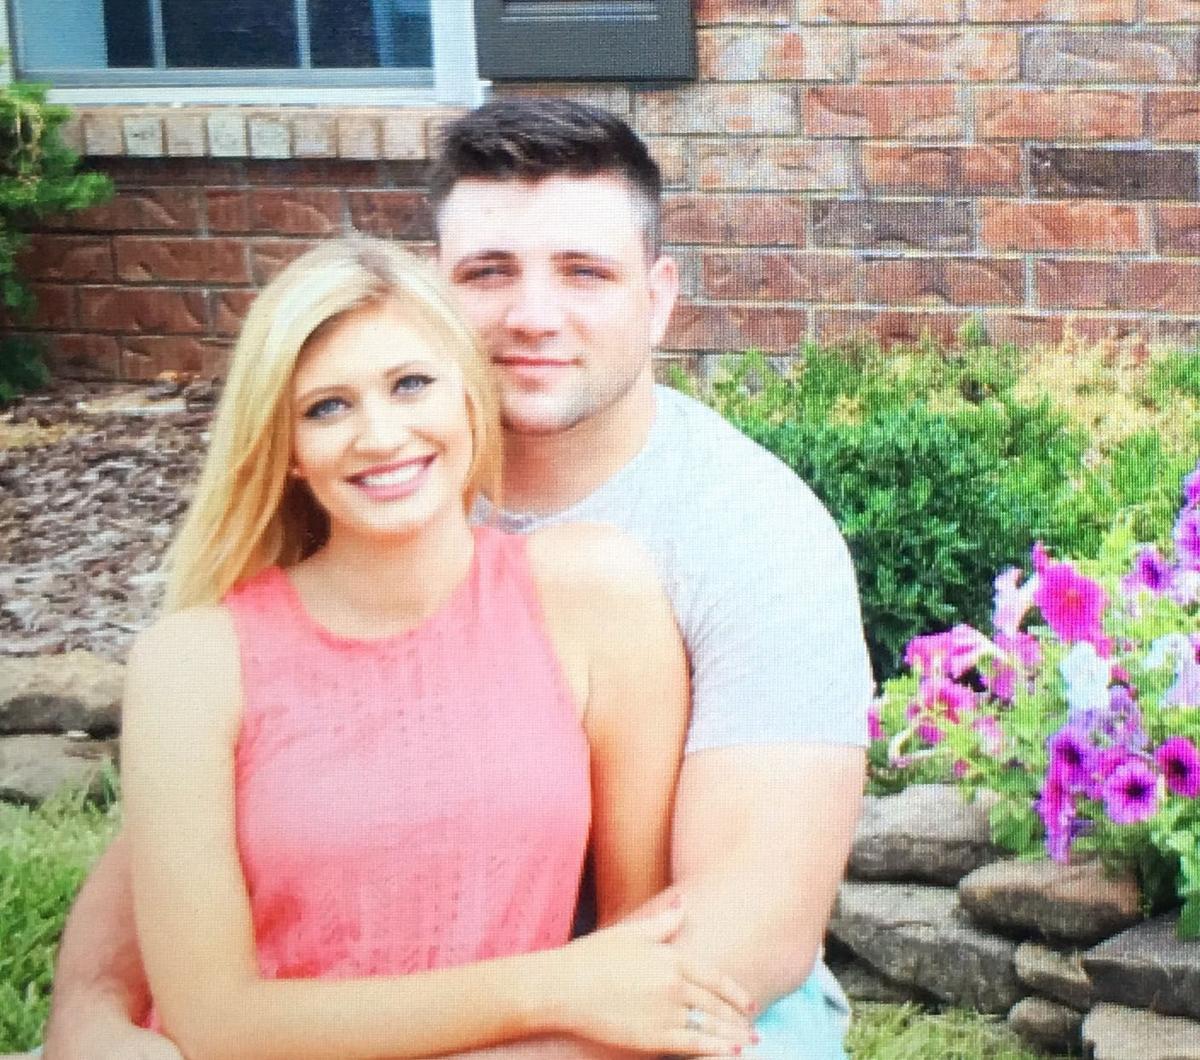 Katelin Summer Gossett and Brandon Charles Grey